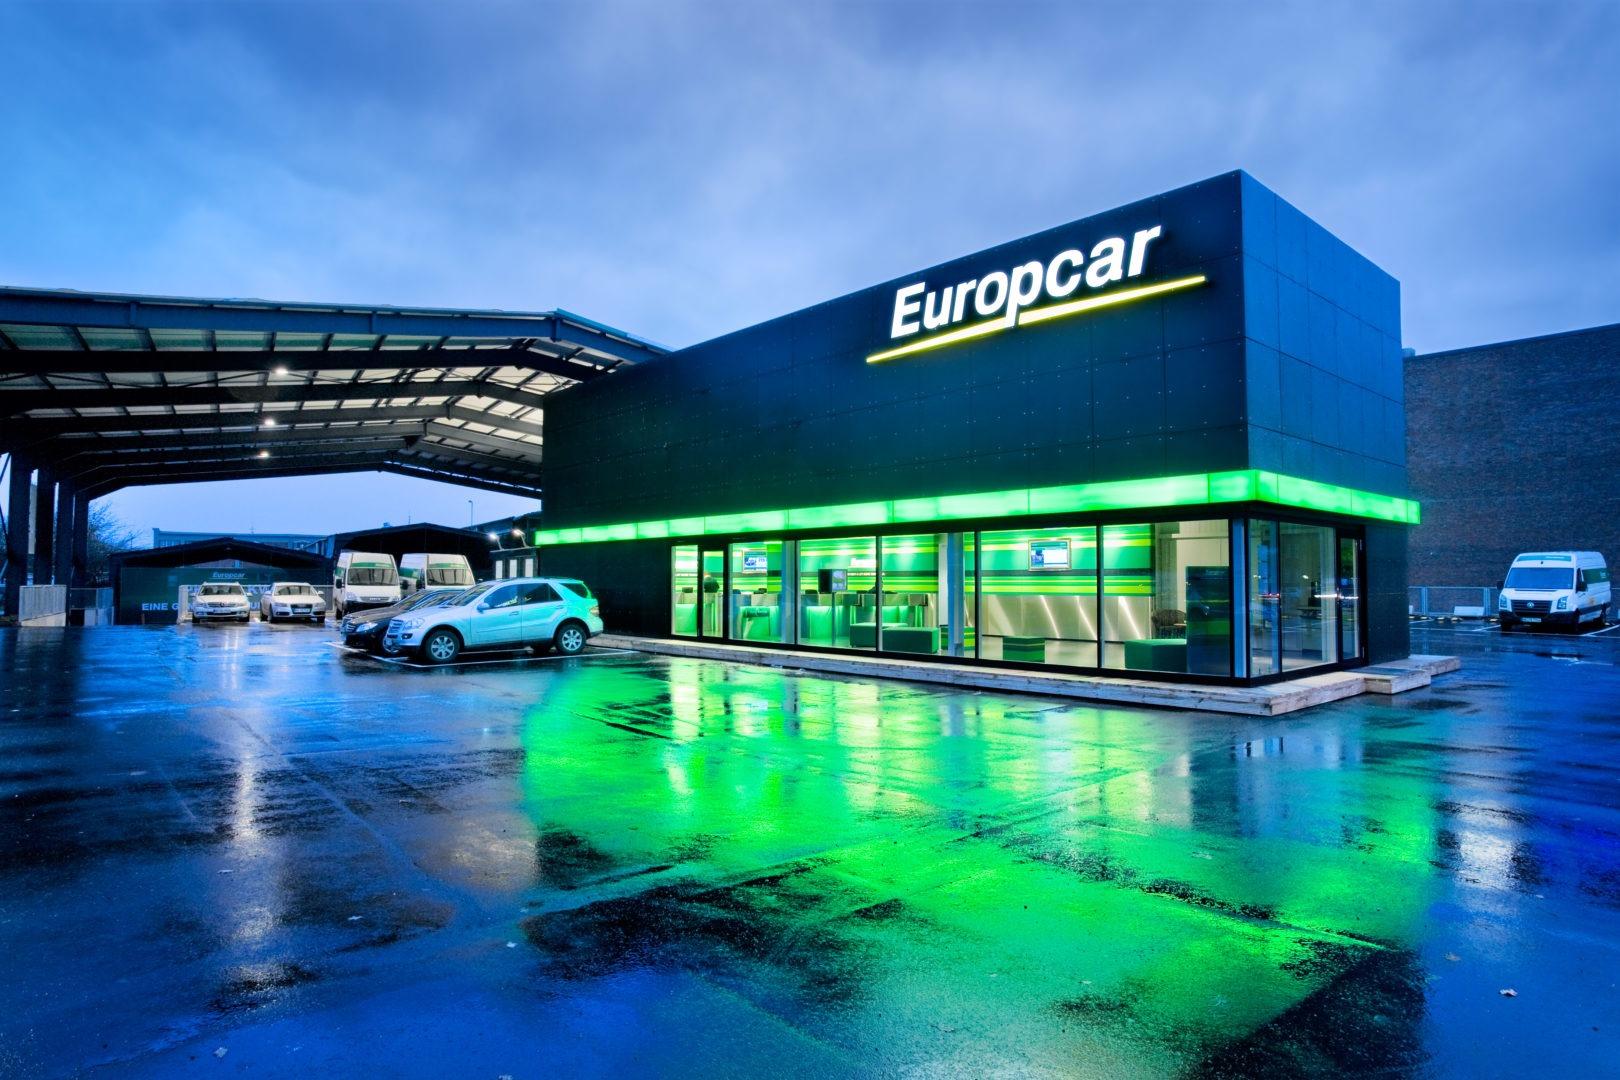 station-autovermietung-europcar